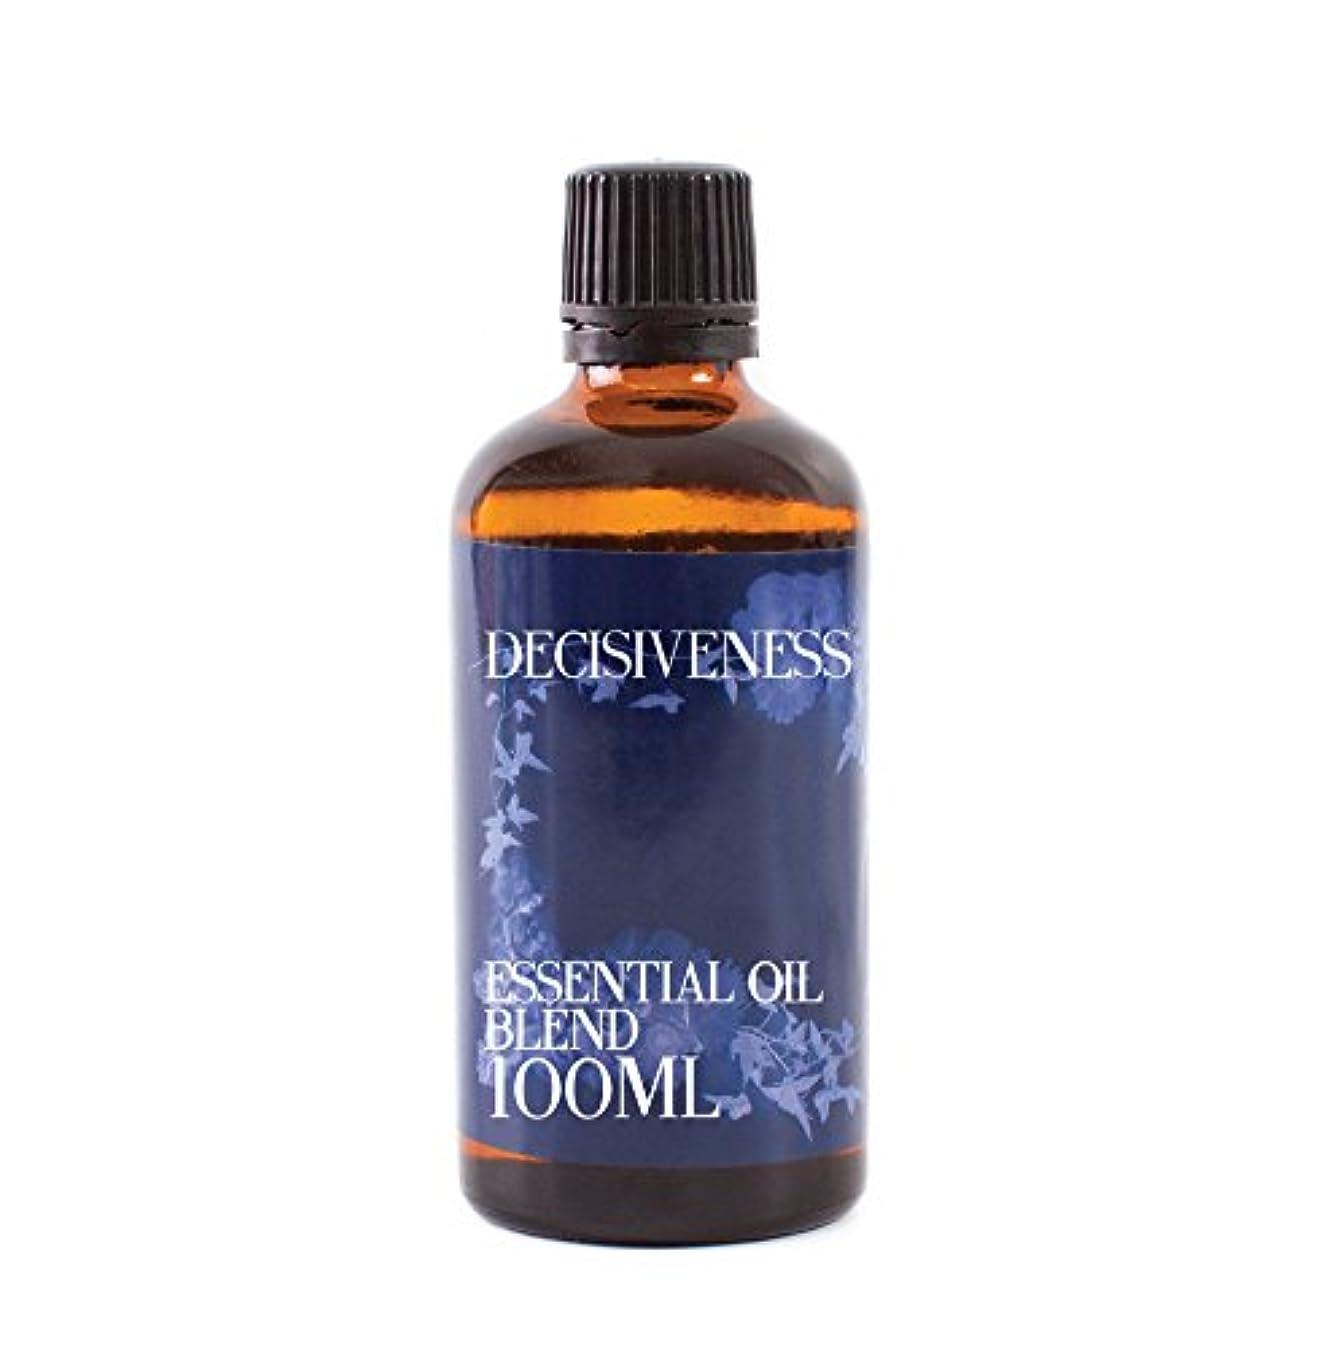 メナジェリー現れるそれMystic Moments   Decisiveness Essential Oil Blend - 100ml - 100% Pure